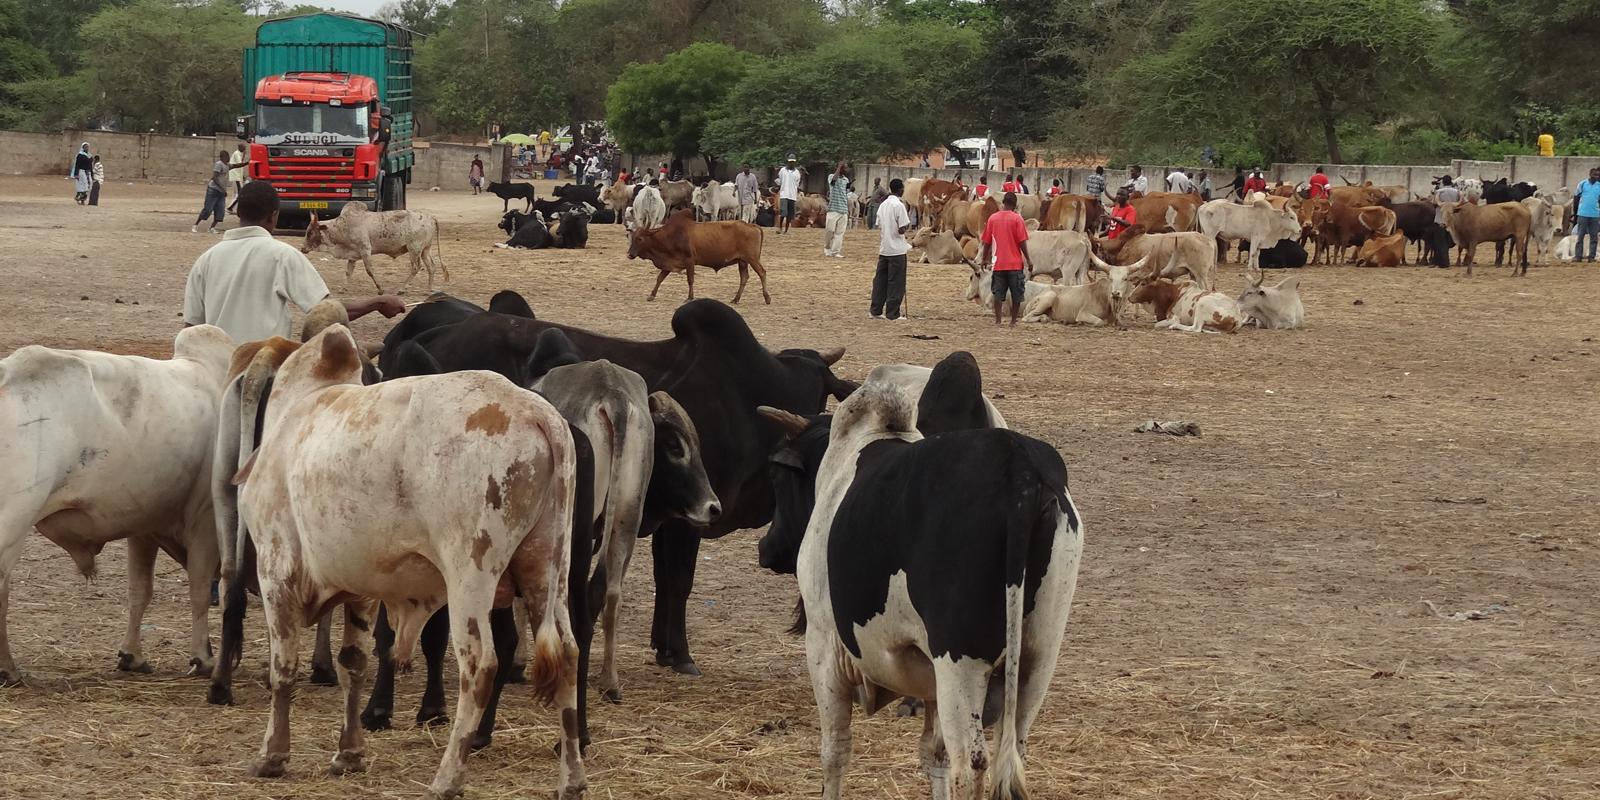 Livestock markets in Tanzania